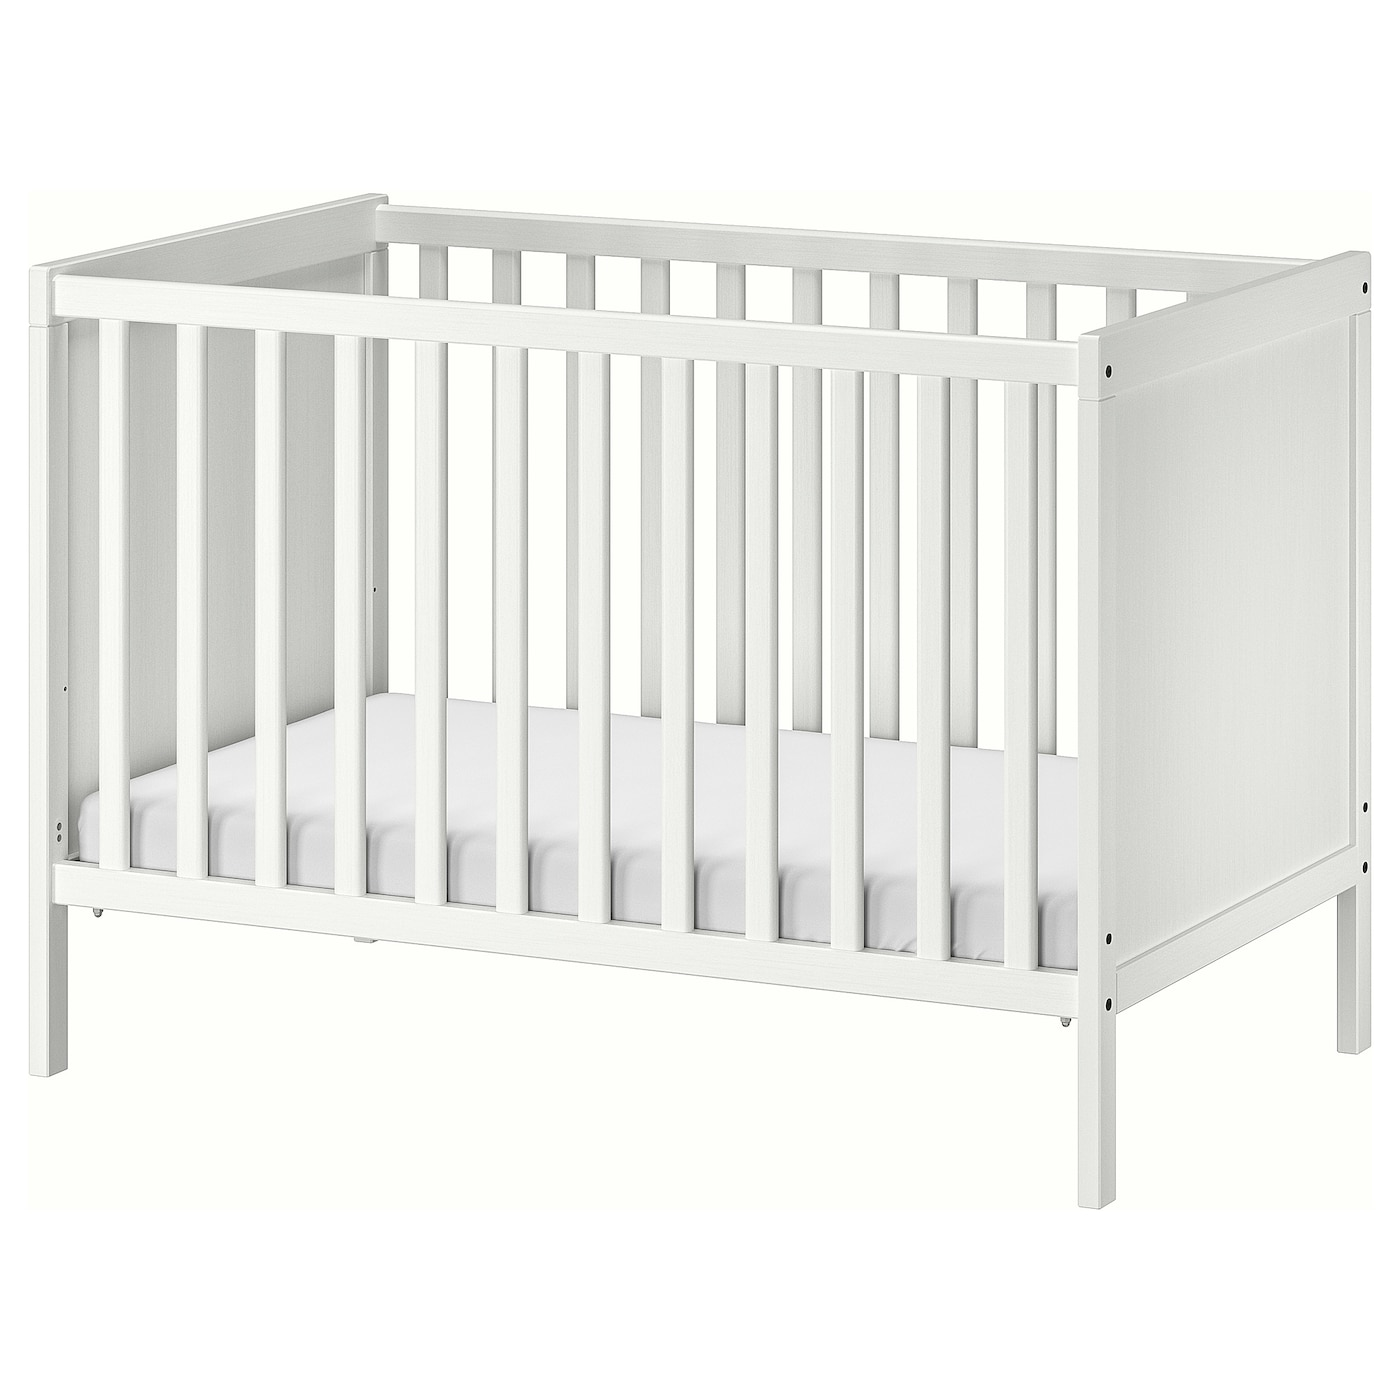 IKEA - SUNDVIK Babybedje - 60x120 cm